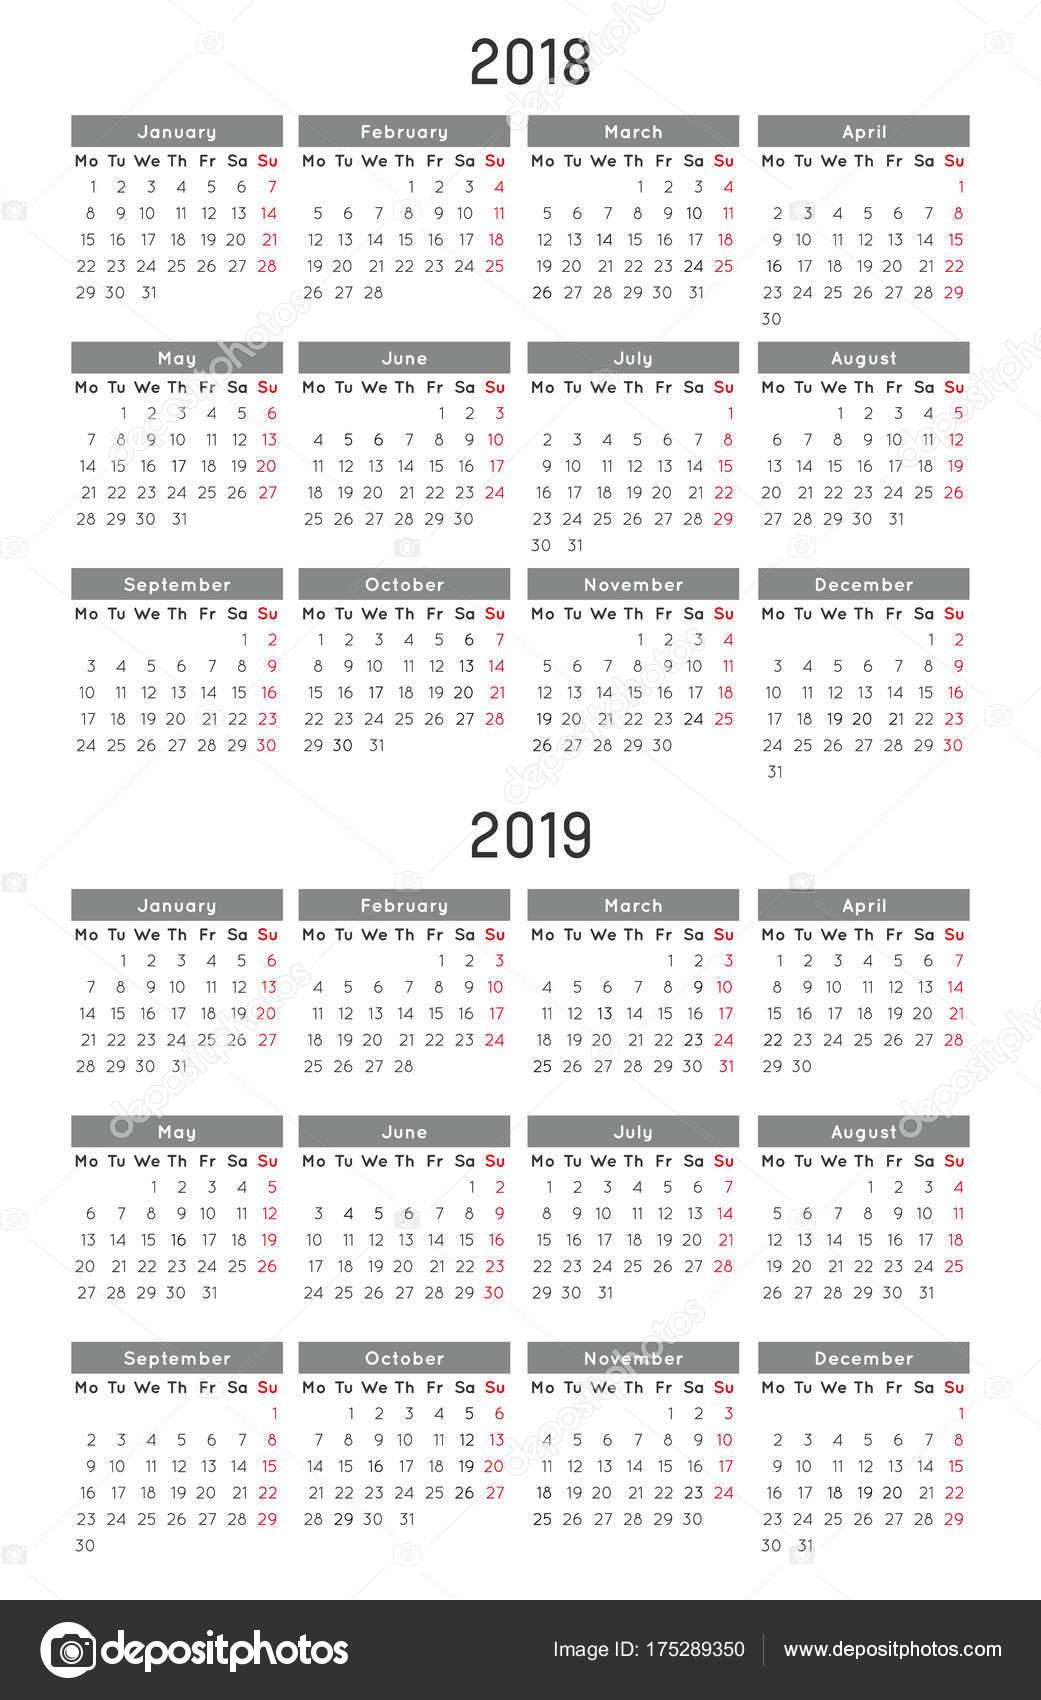 Kalendervorlage 2018 und 2019 — Stockvektor © RChvision #175289350